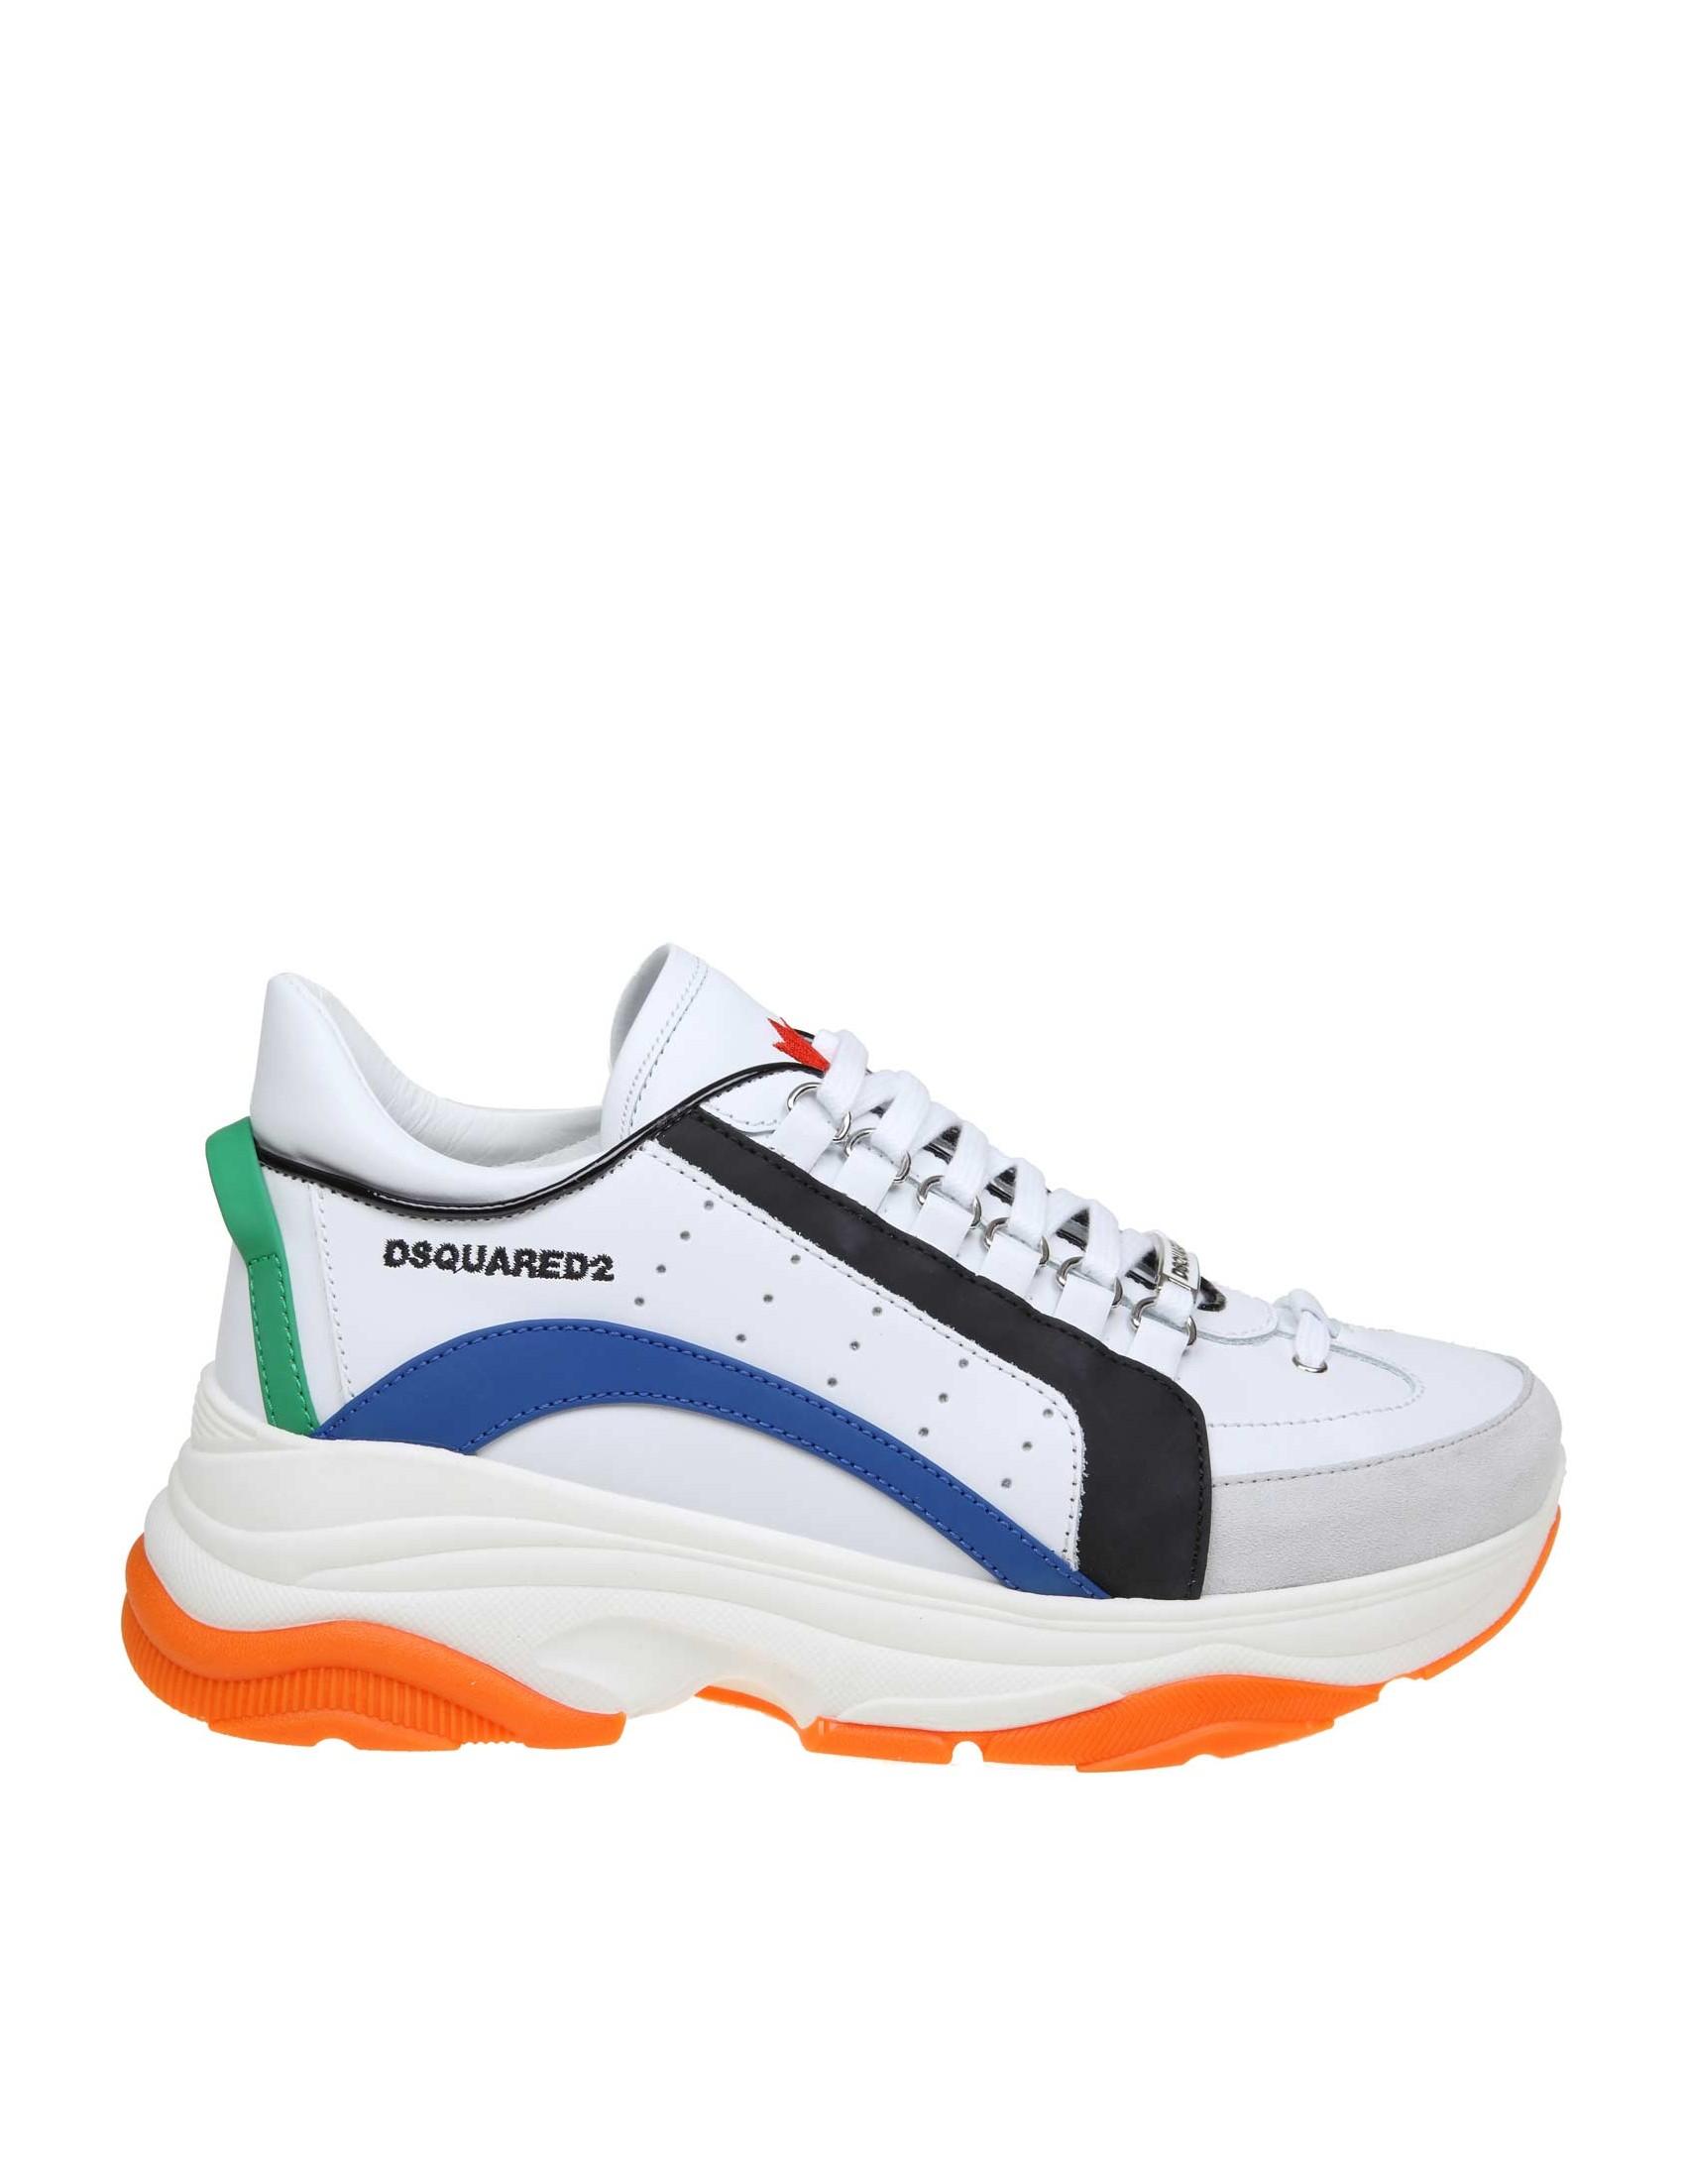 Sneakers in pelle con punta in camoscio. Colore bianco con riporti in nero  azzurro e verde. Modello con punta tonda. Chiusura con lacci. Suola in gomma 67ad9cf97a7